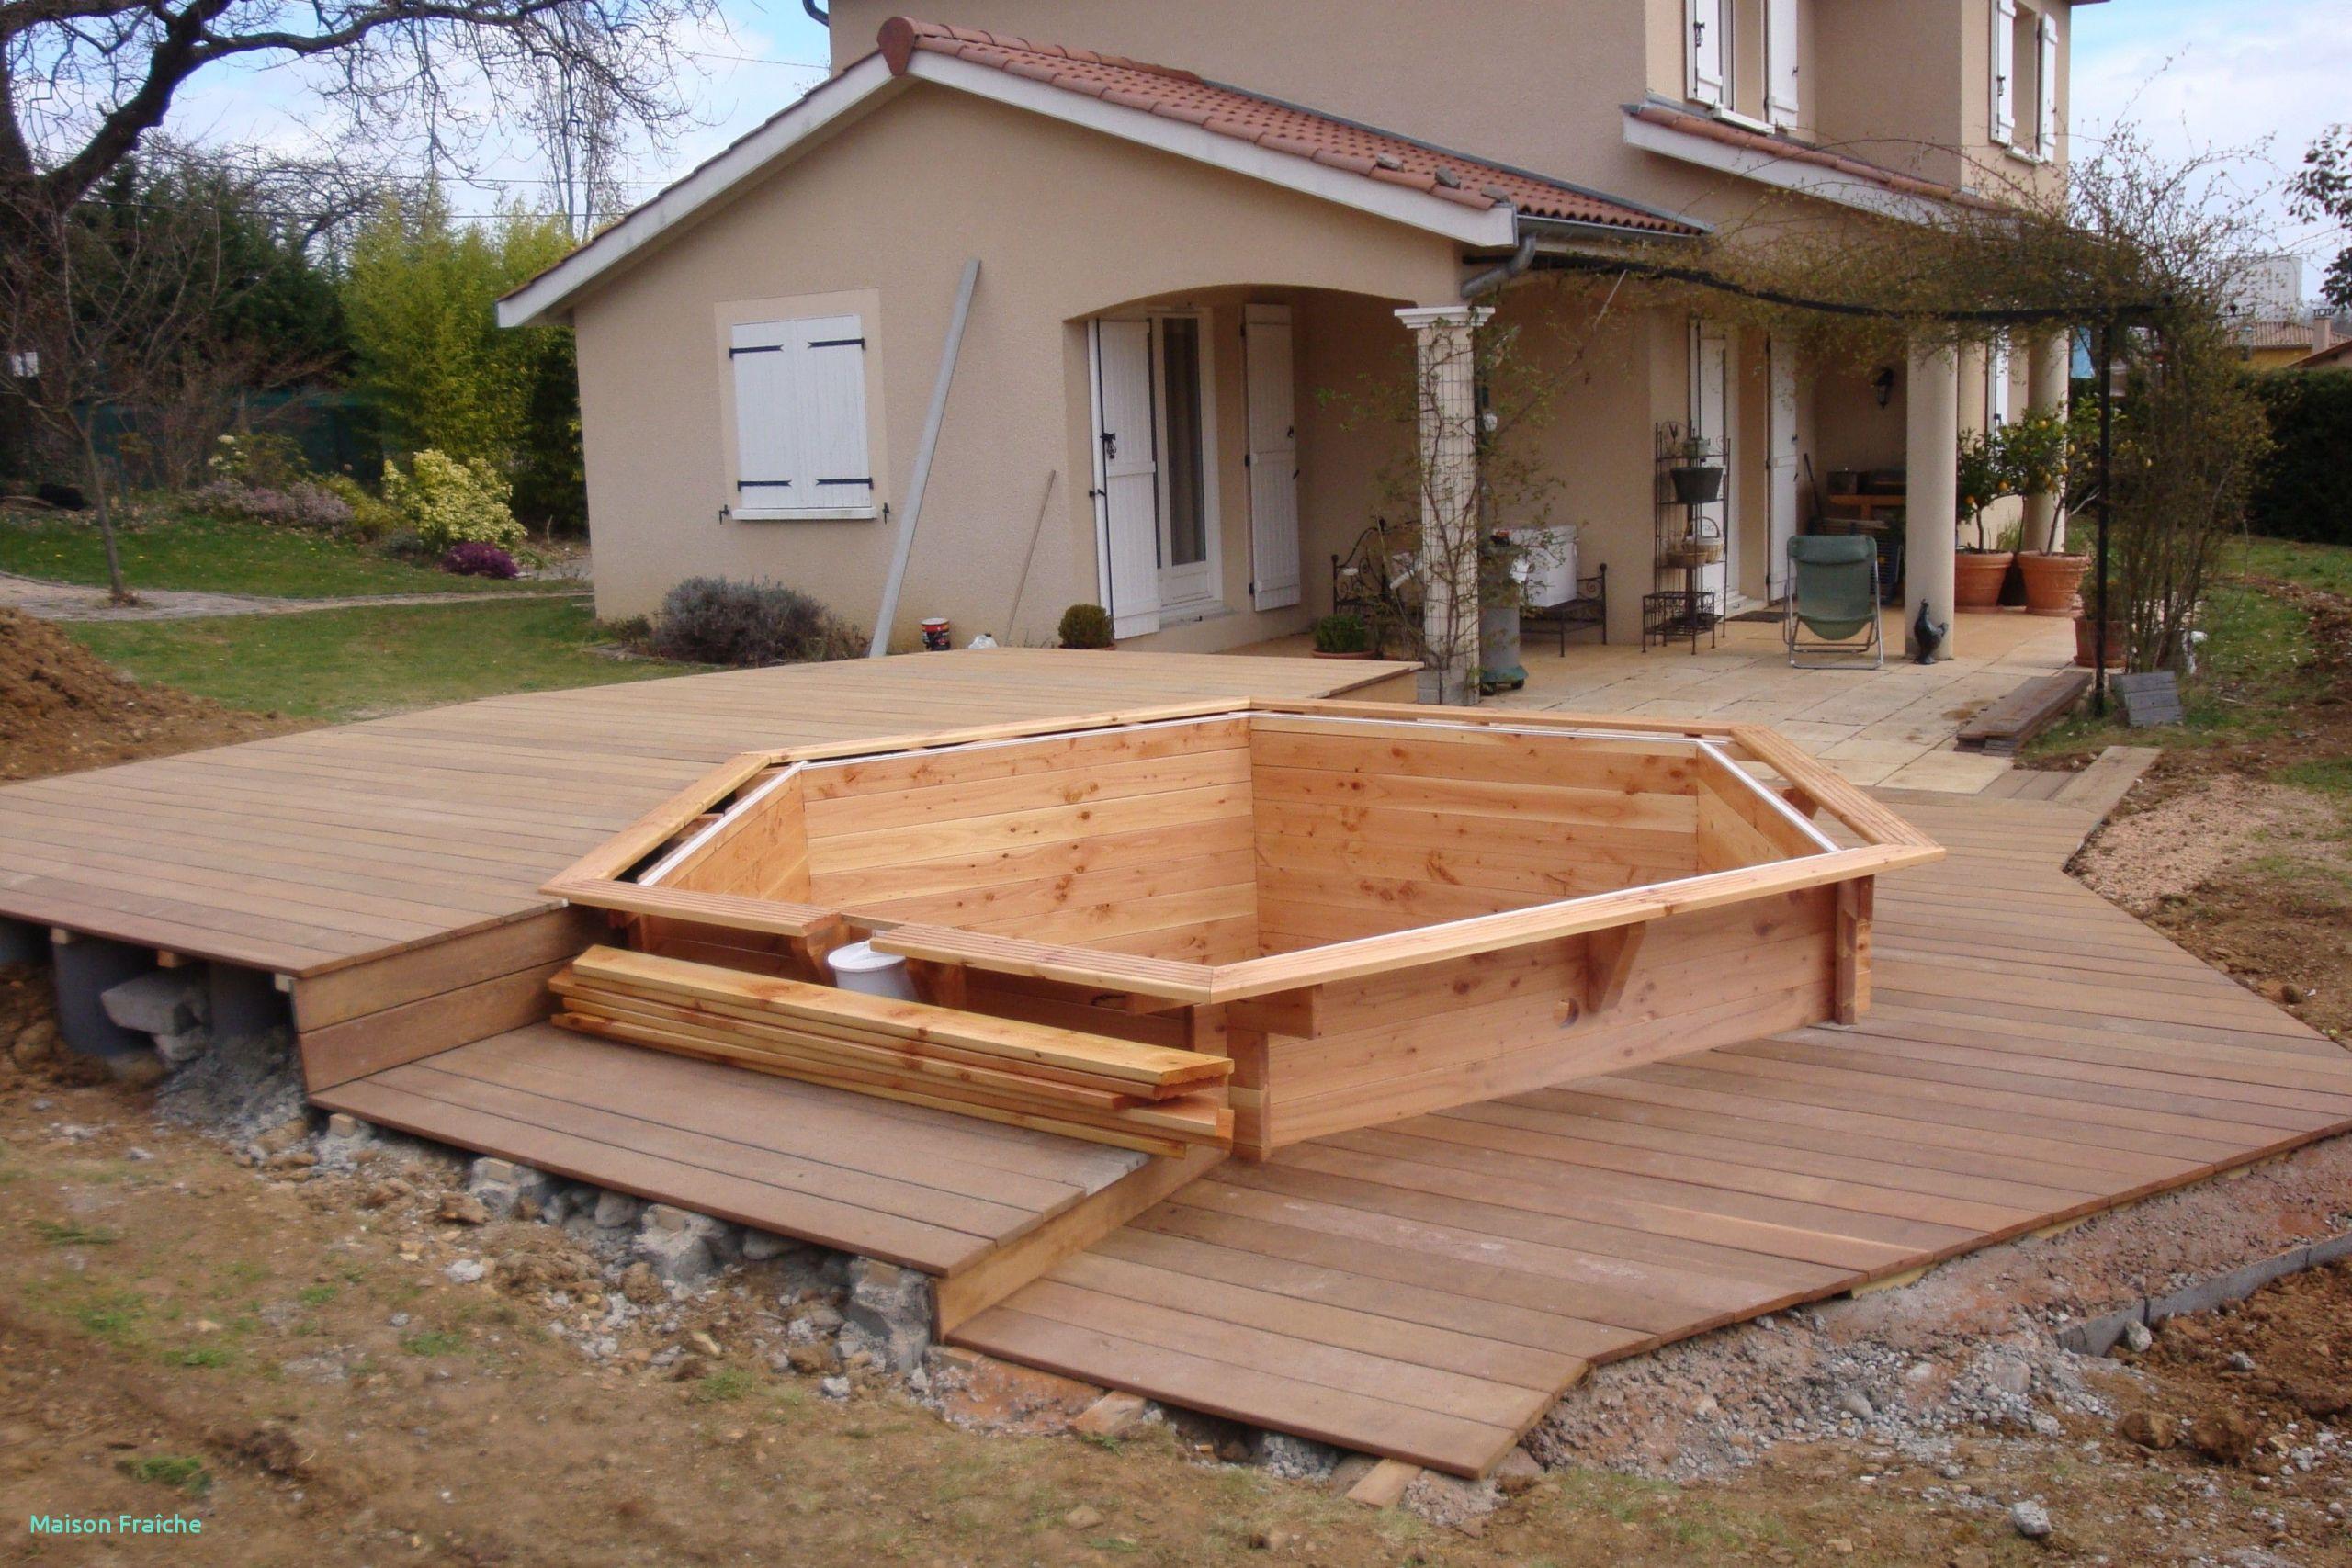 pose d une terrasse en bois la idee dans la direction fantastique terrasse exterieur en bois